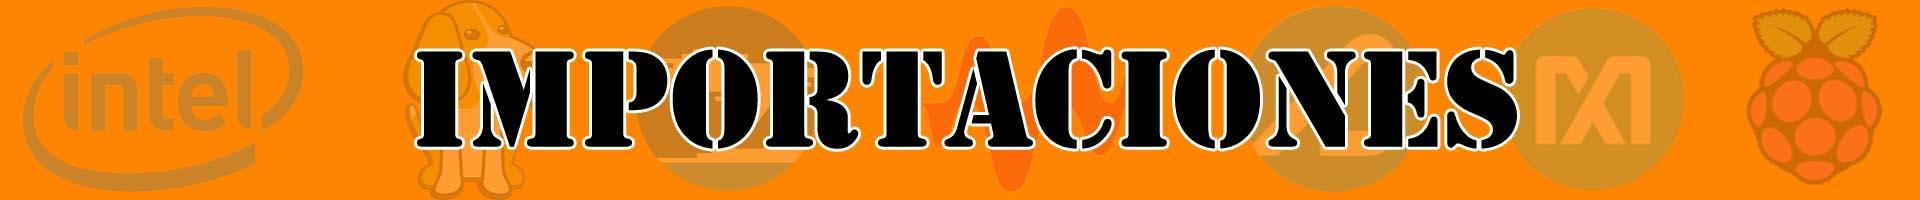 logo-importaciones